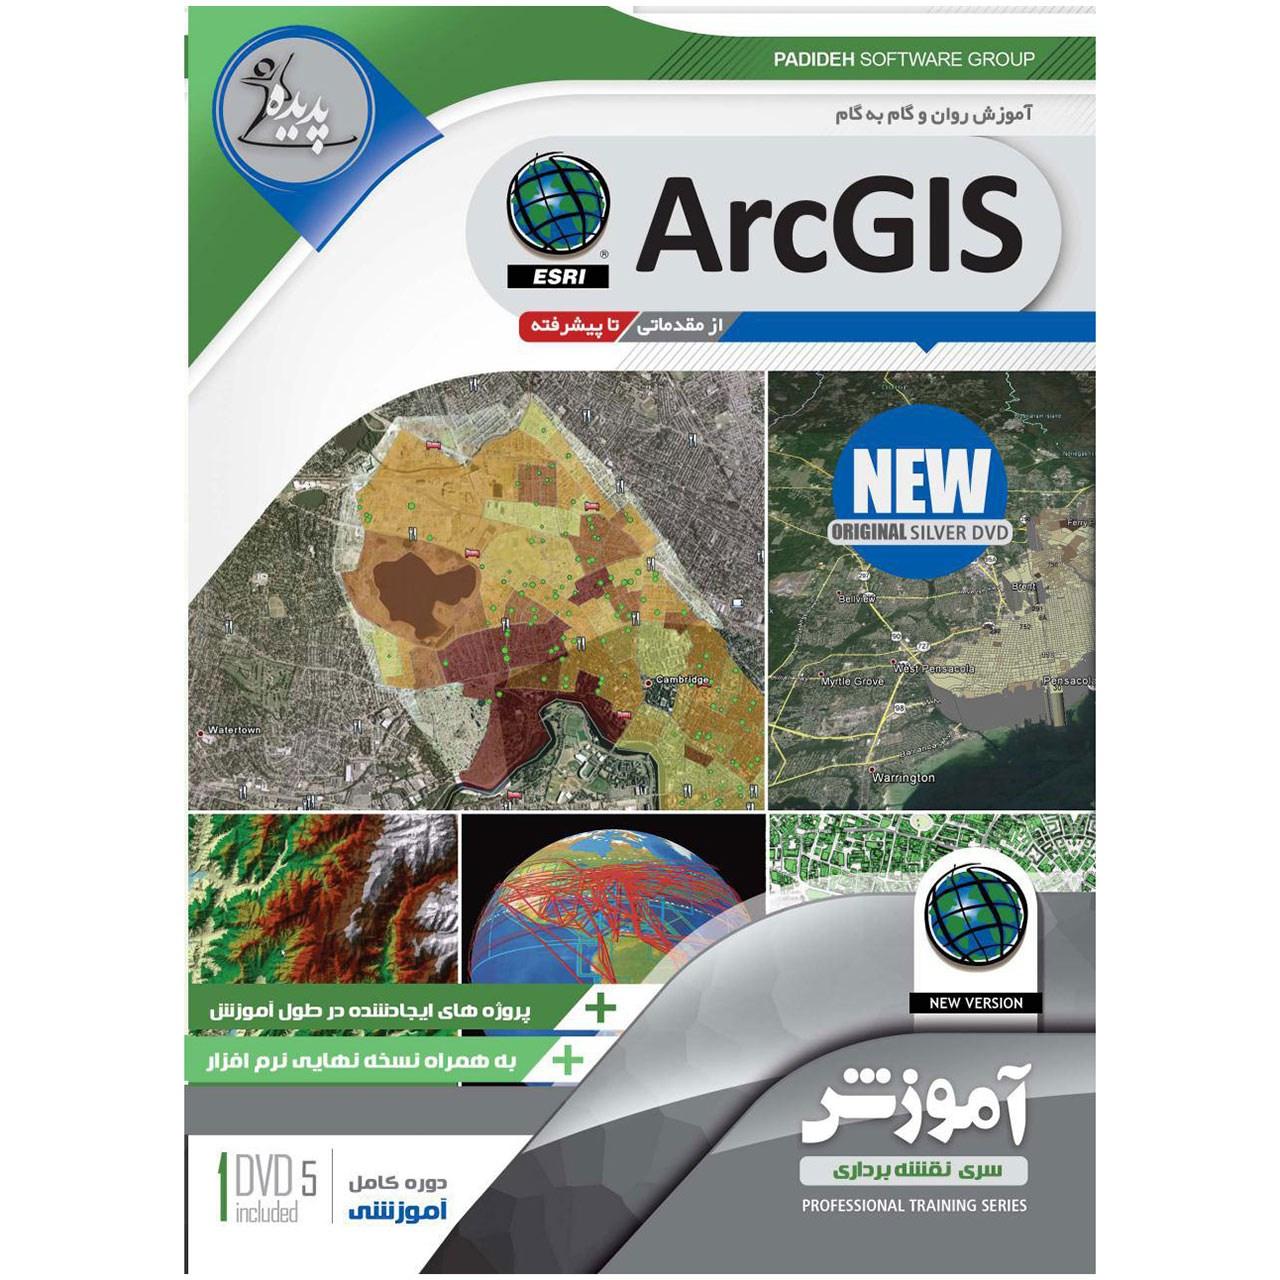 نرم افزار آموزش ArcGIS نشر پدیده سطح مقدماتی تا پیشرفته